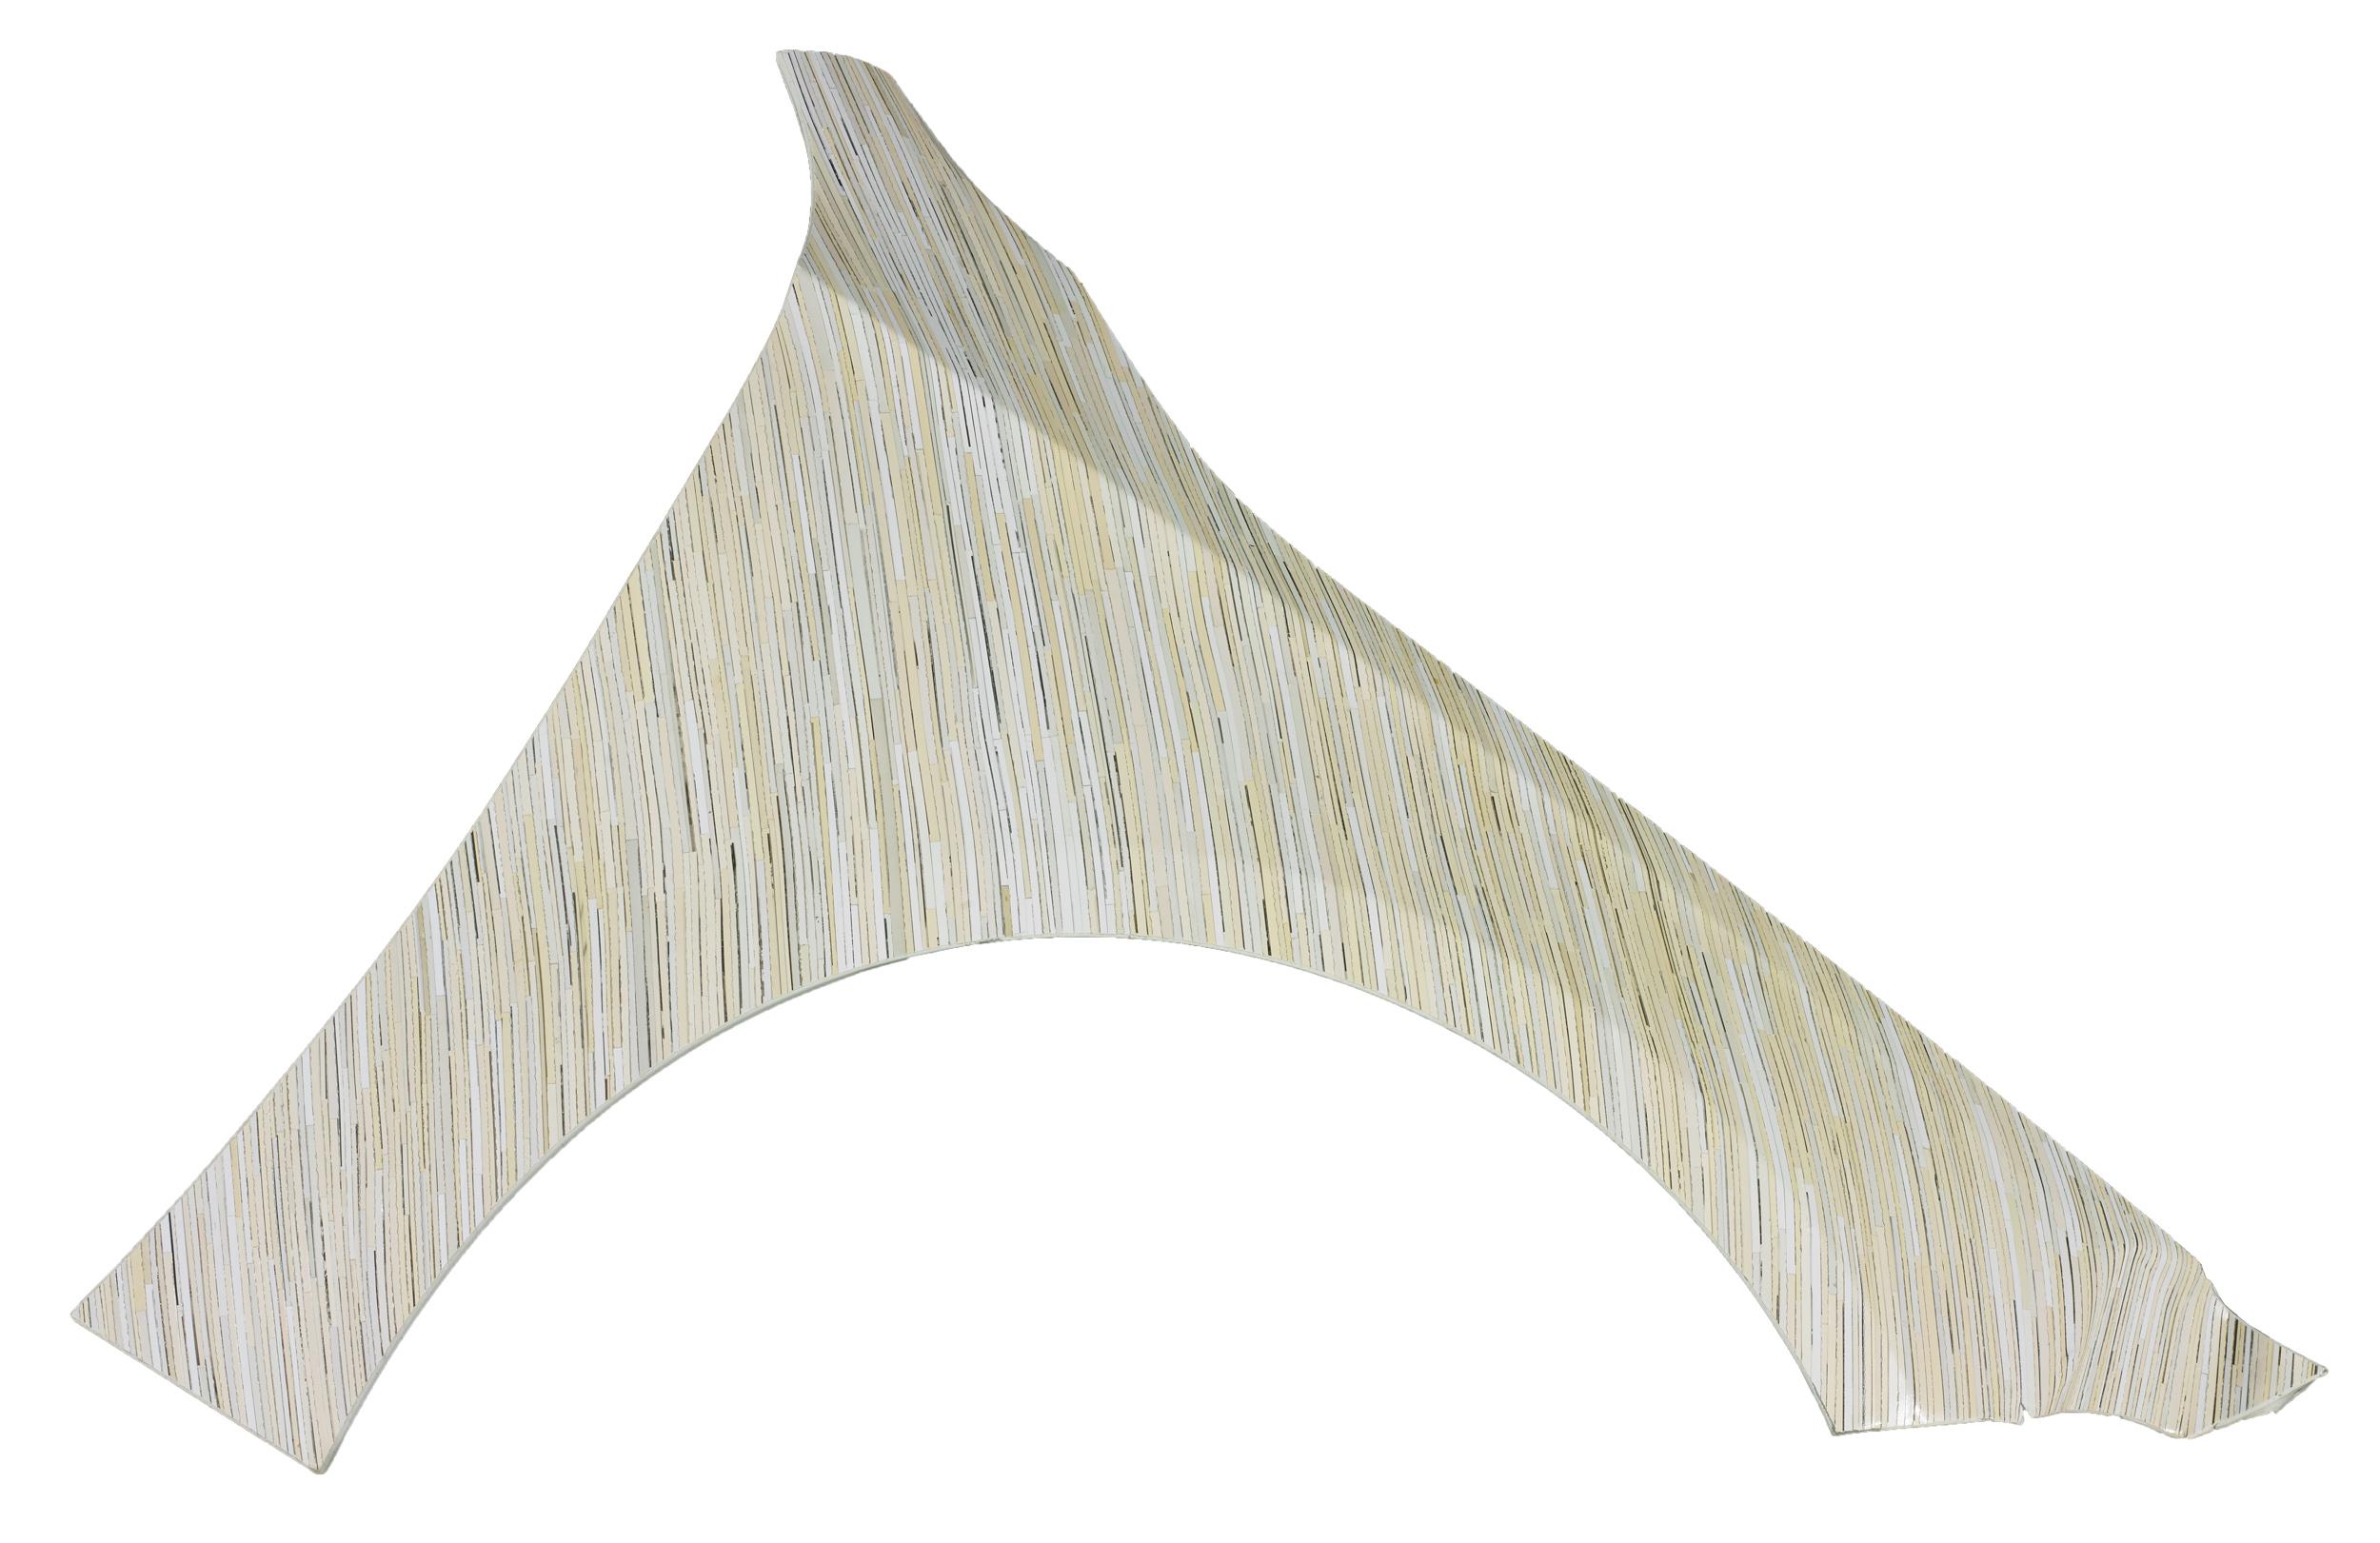 lechner johannes (lejo) - fragment